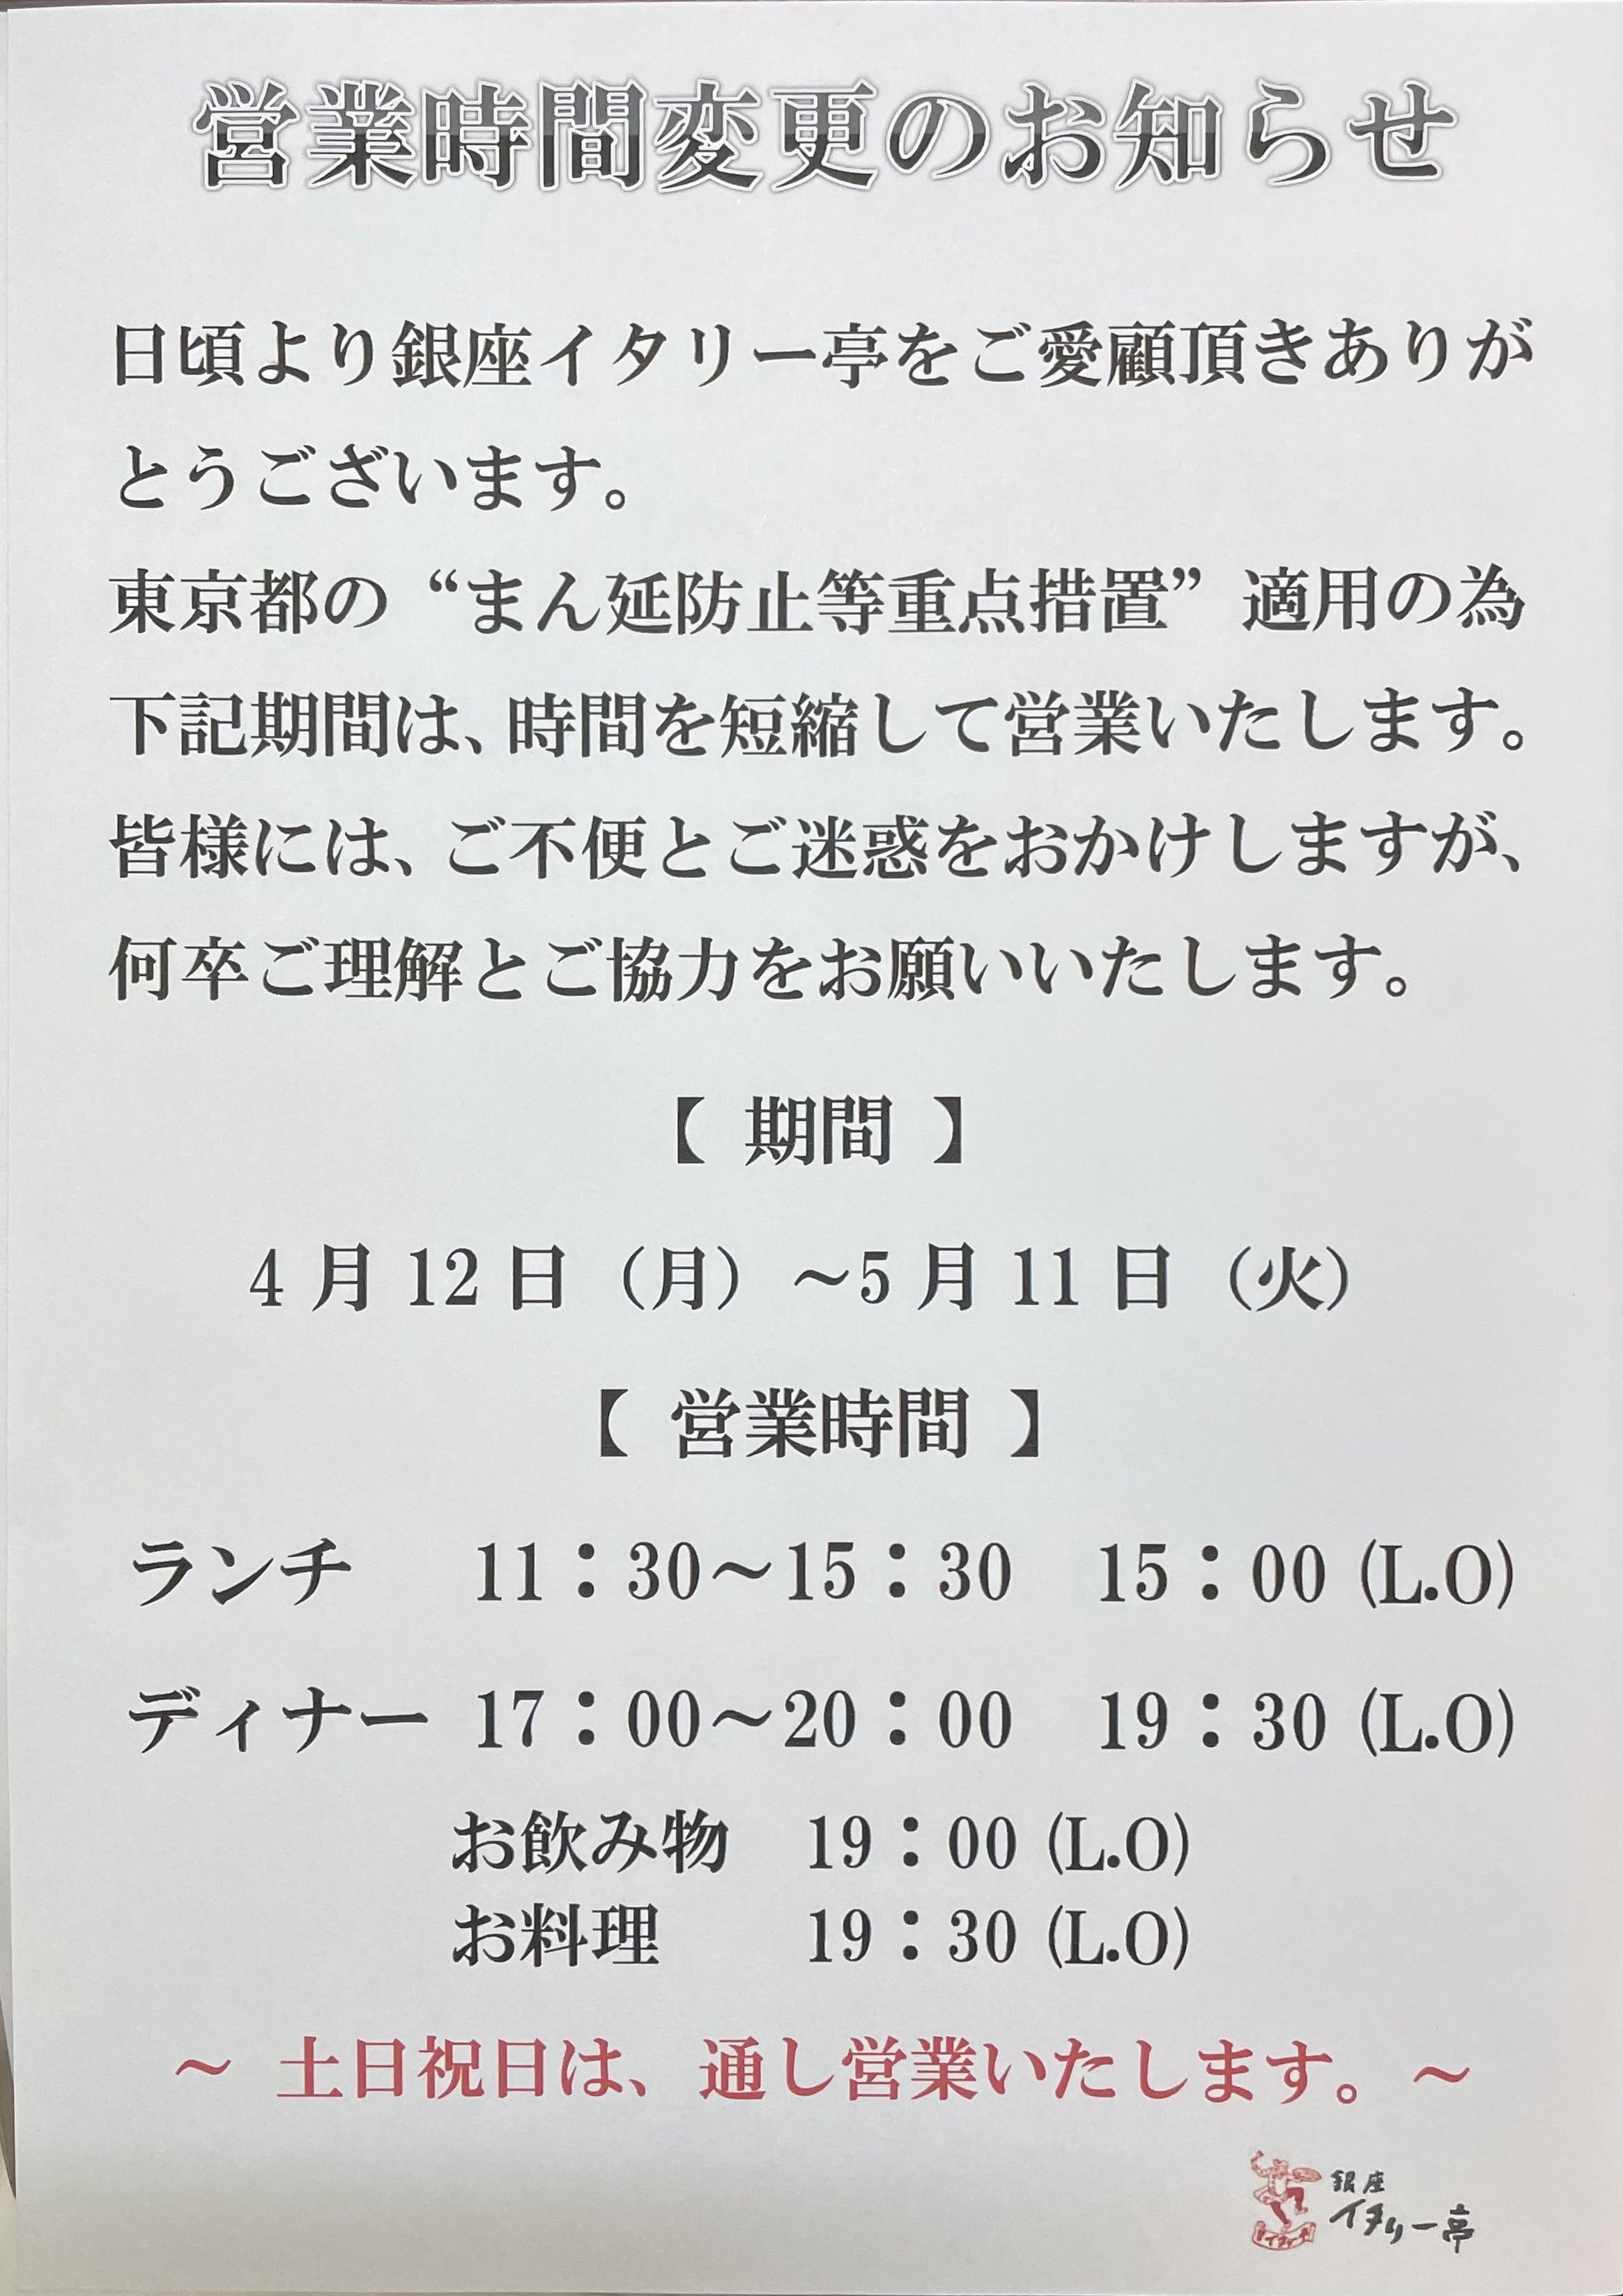 東京都のまん延防止重点措置適用による時短営業のご案内